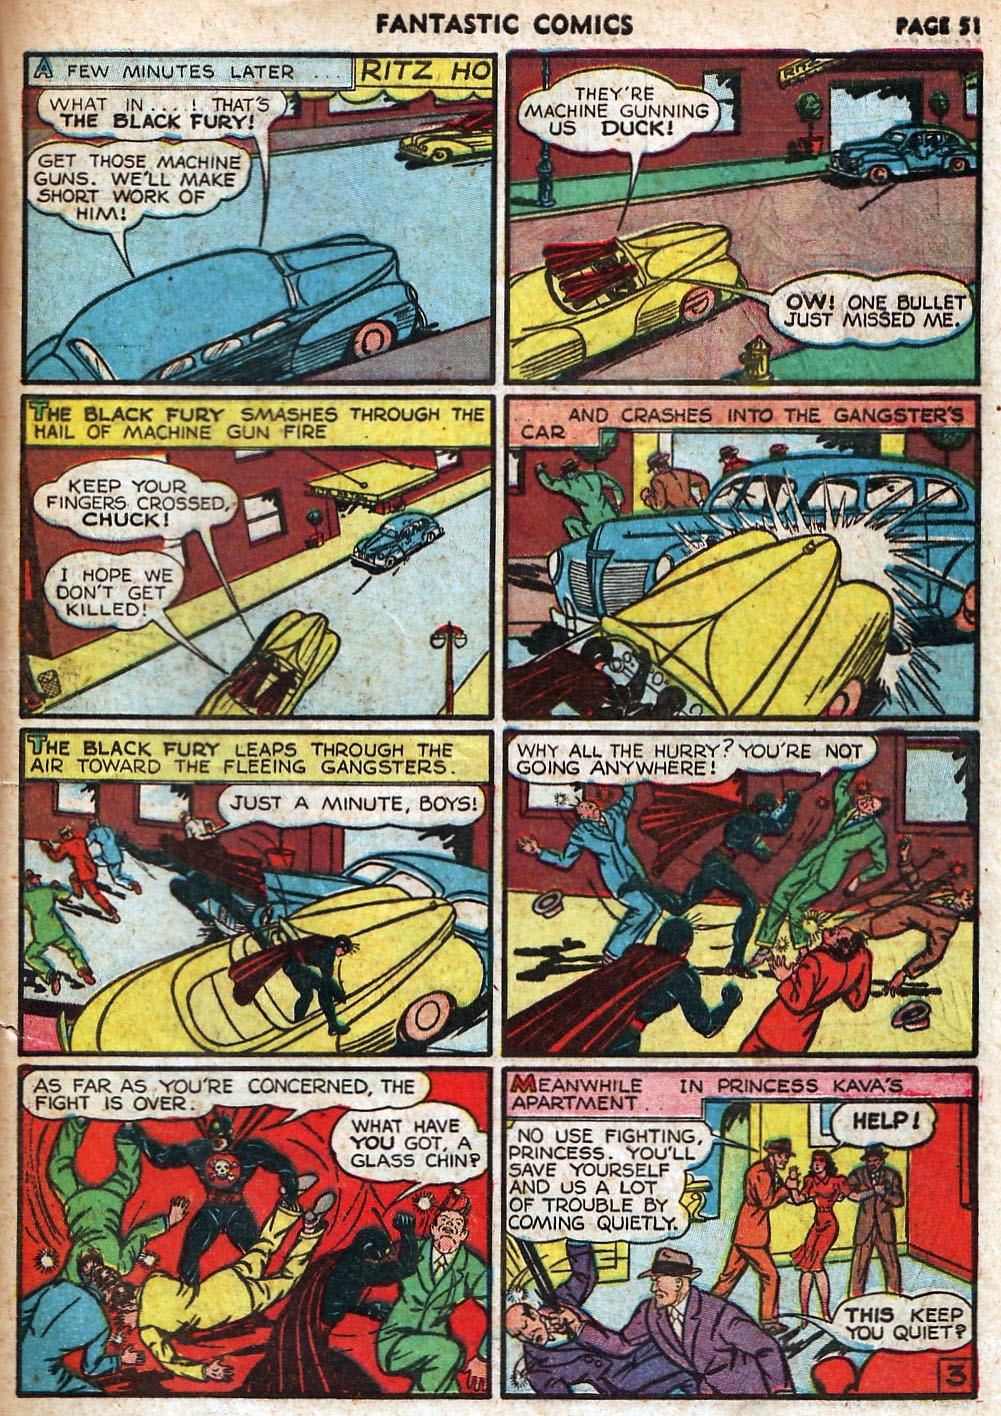 Read online Fantastic Comics comic -  Issue #18 - 53